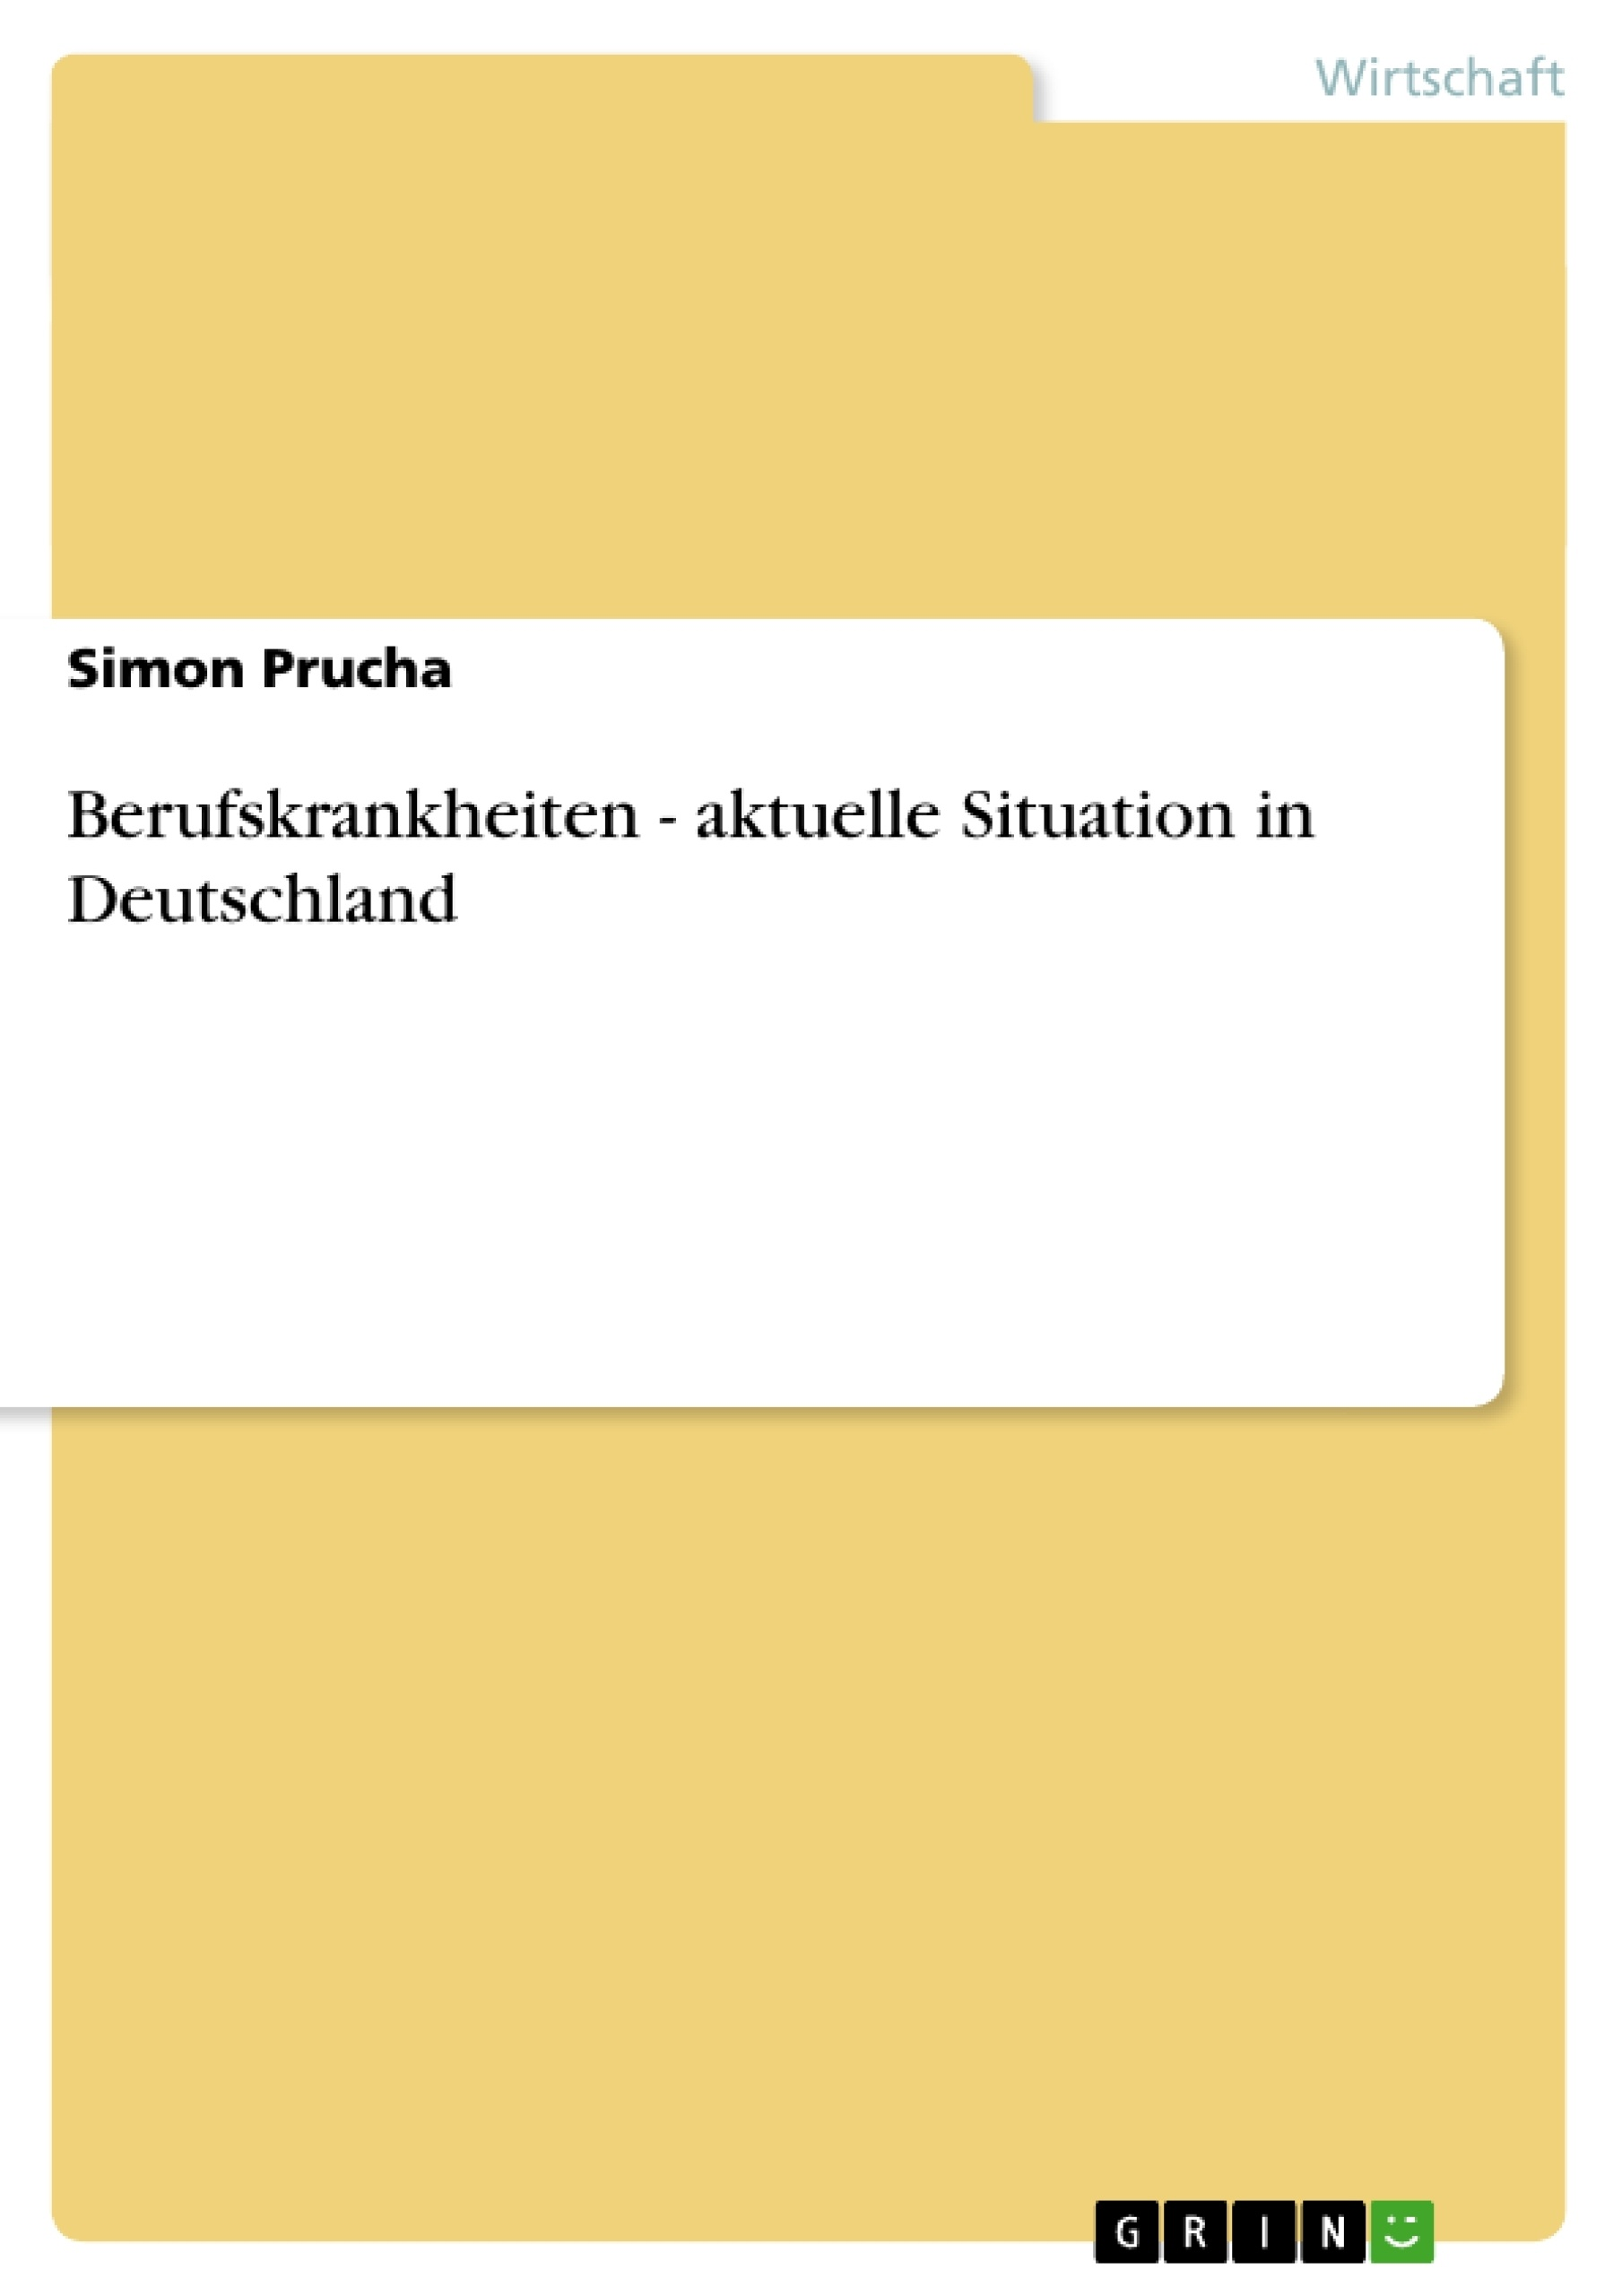 Titel: Berufskrankheiten - aktuelle Situation in Deutschland